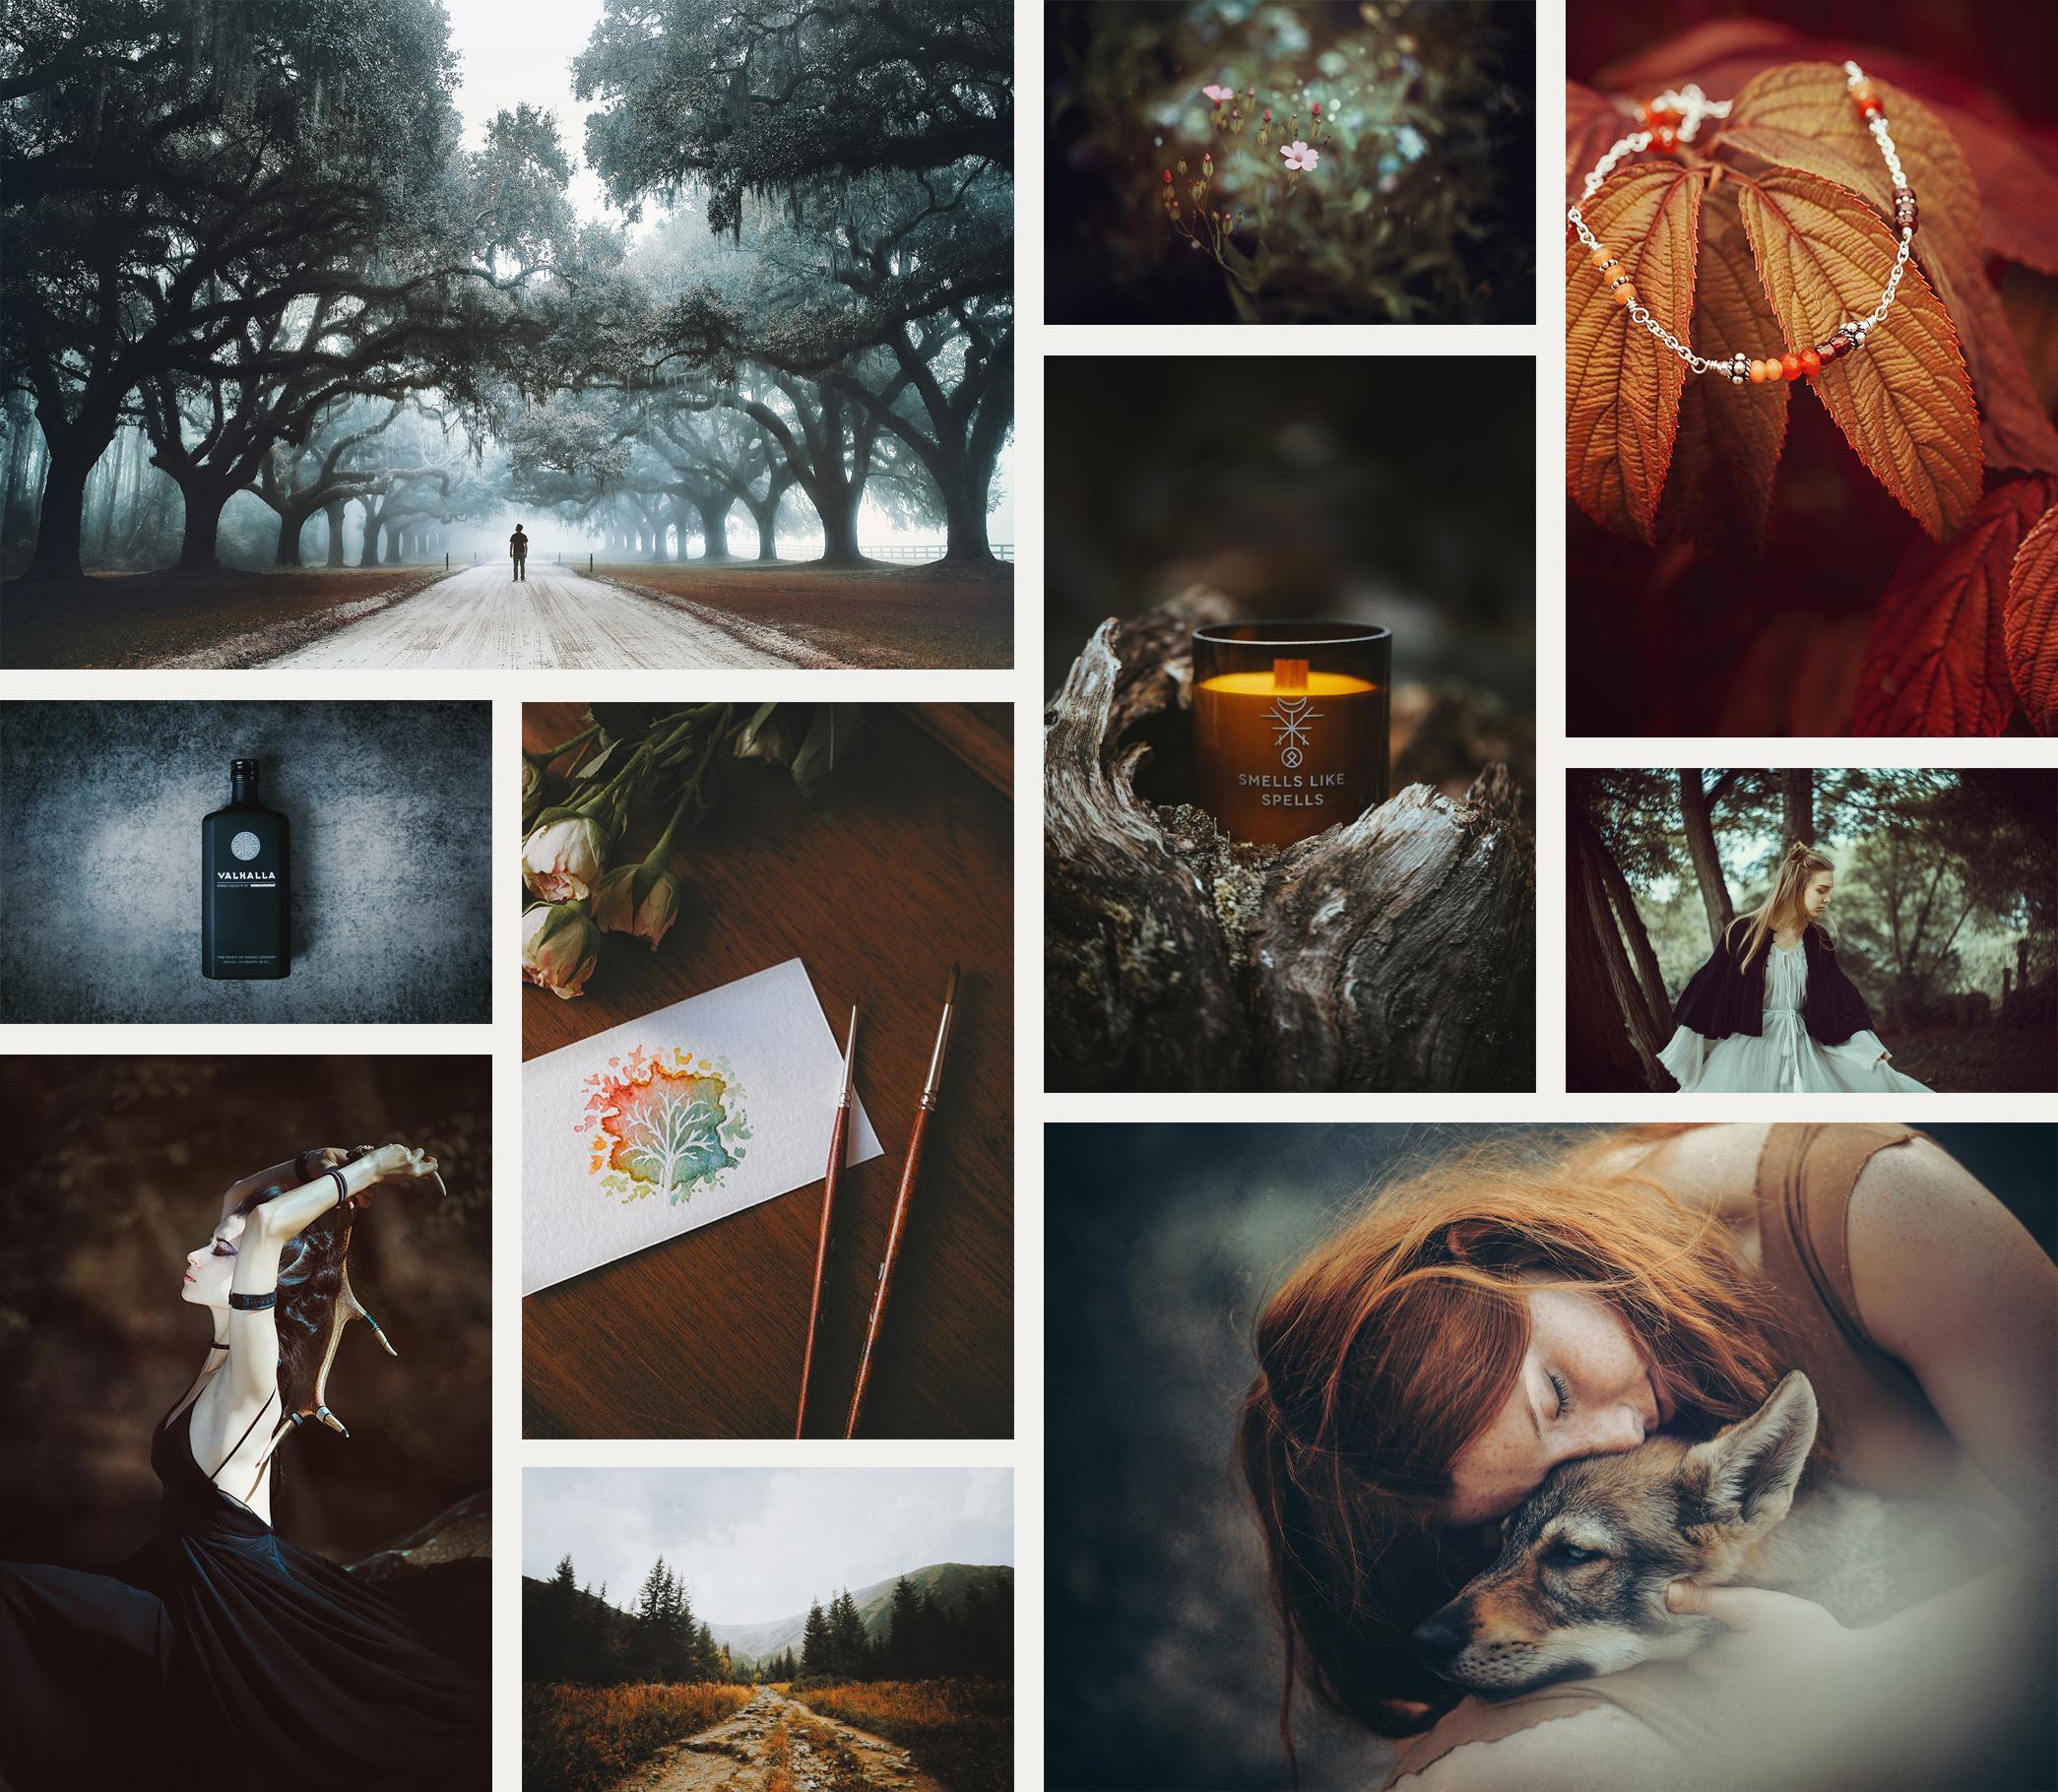 Raphaelle Monvoisin art director iceland france islande french designer photographe photographer artist brand branding